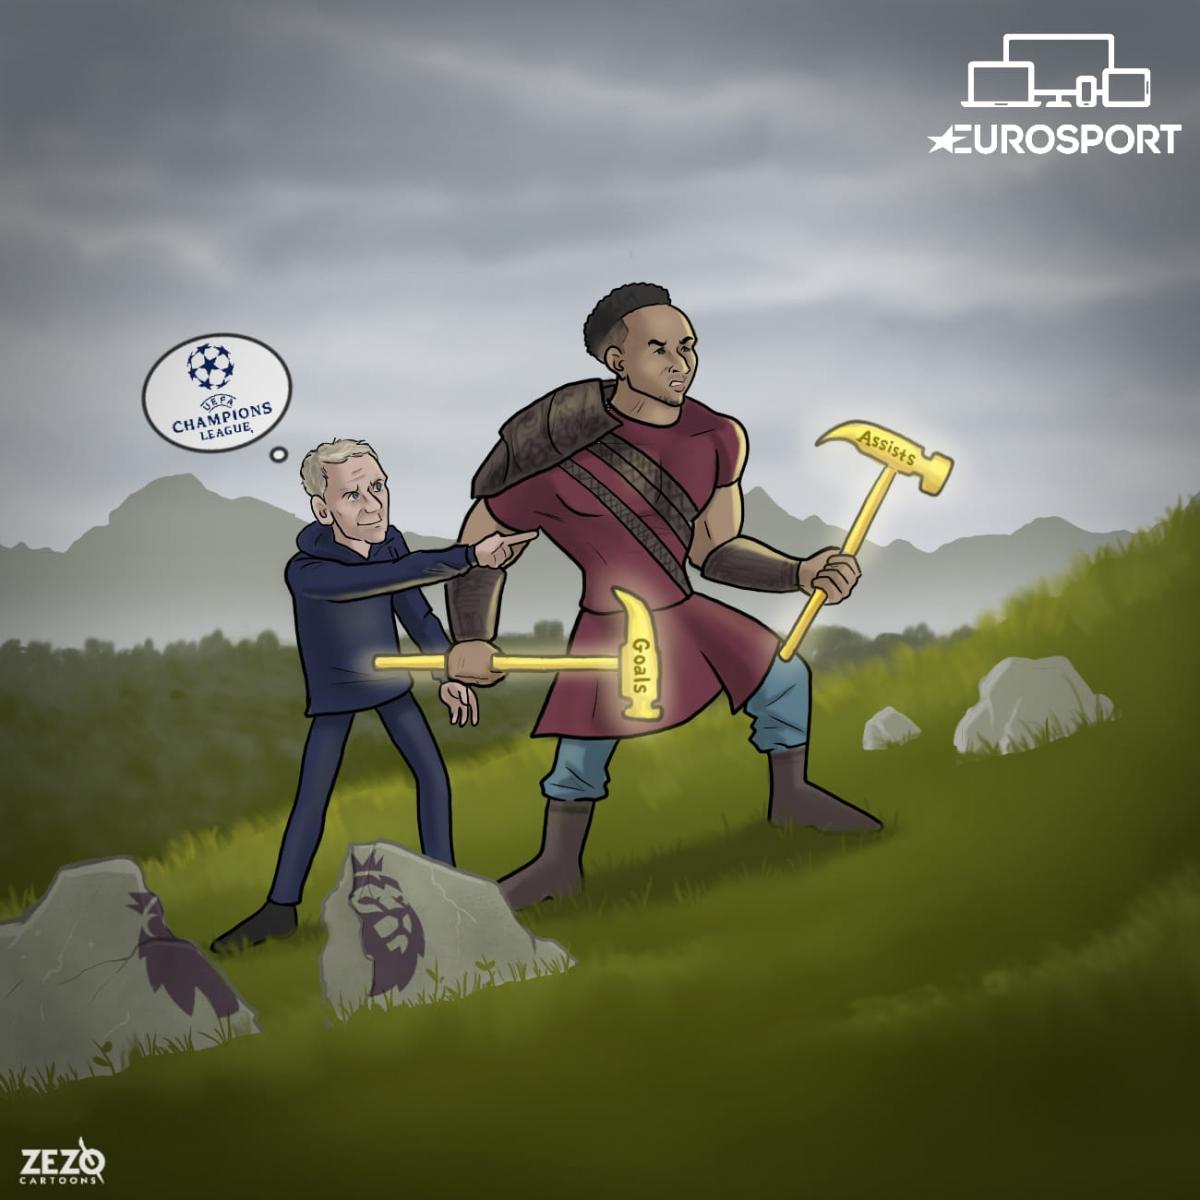 """Lingard """"gánh"""" West Ham của David Moyes đến gần tấm vé dự Champions League mùa tới. (Ảnh: Zezo Cartoons)."""